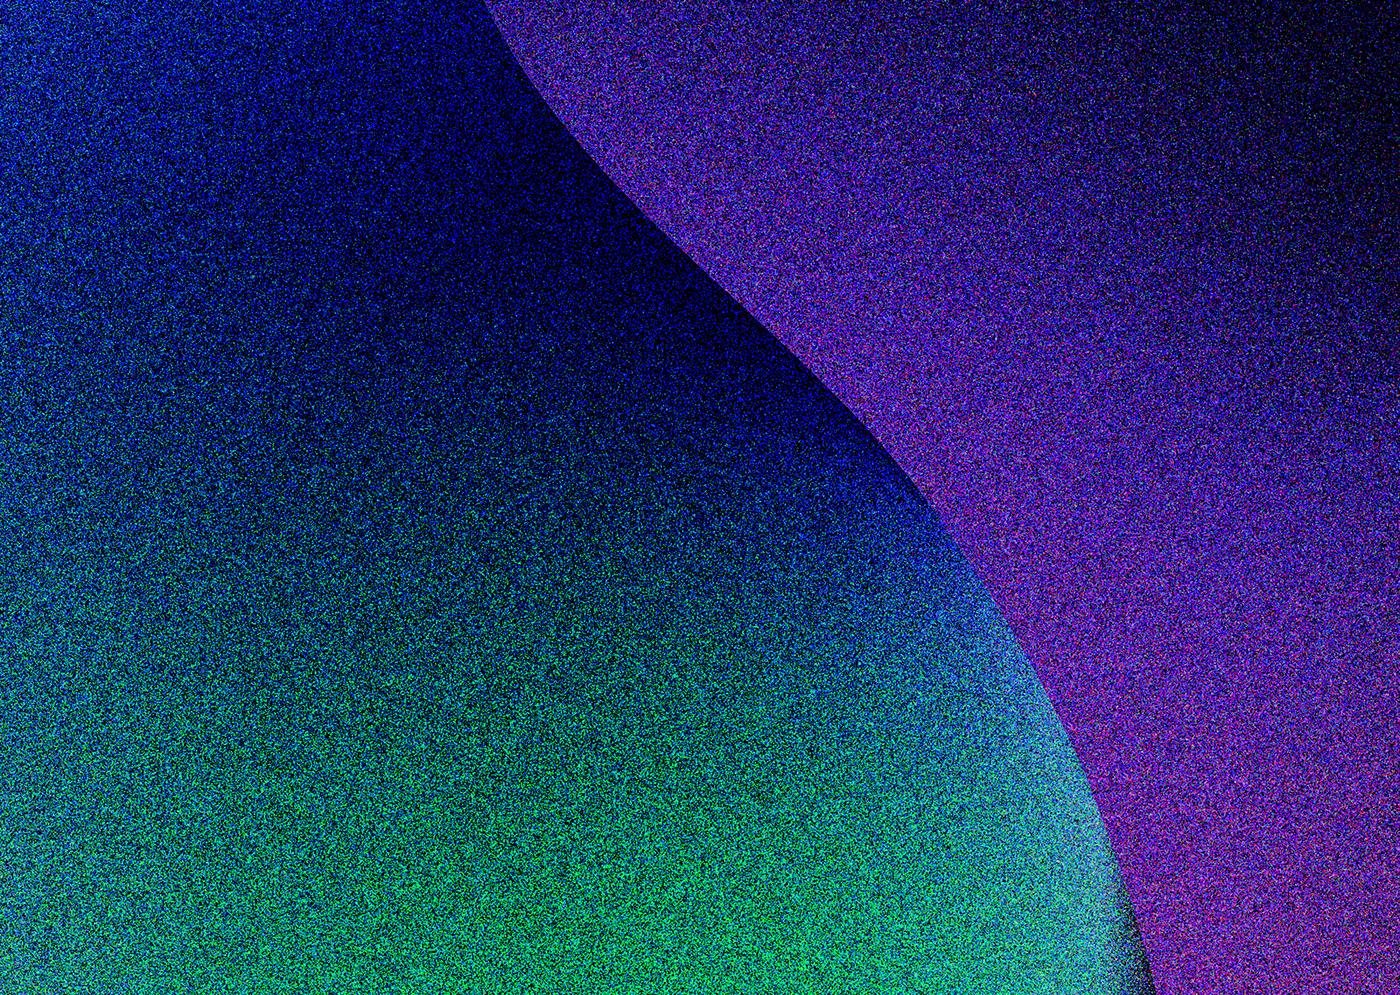 artwork music france Cargo concert season universe graphic noise colors